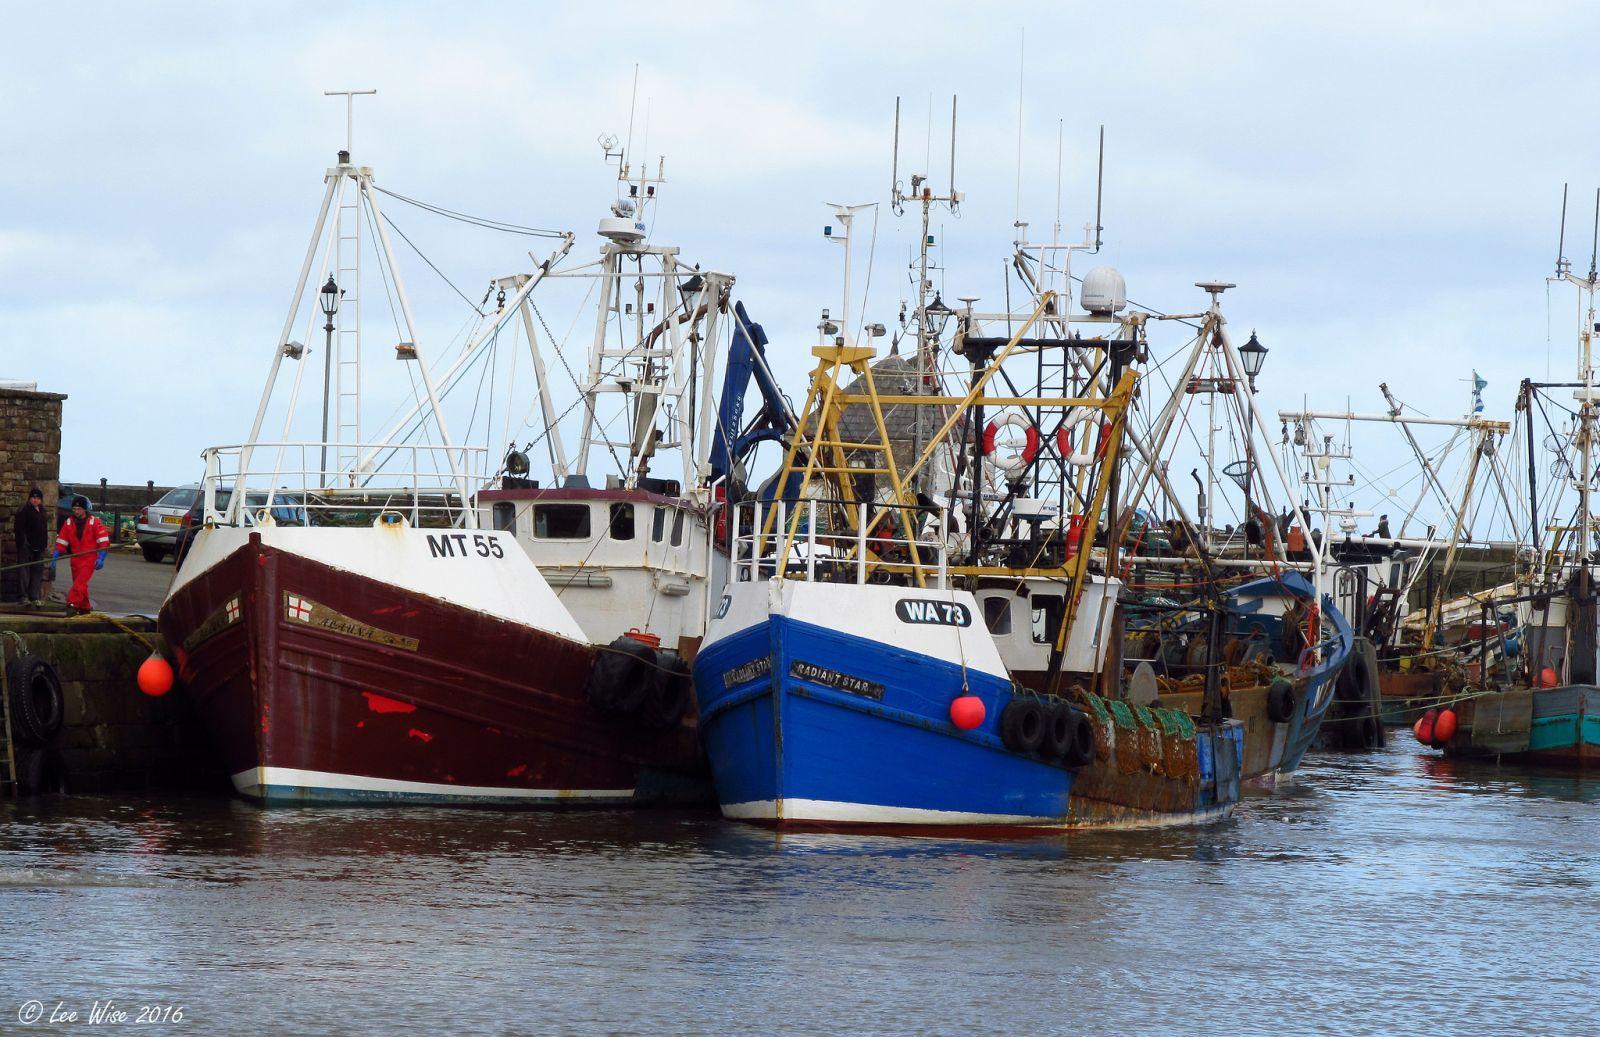 Cumbrian Trawlers II